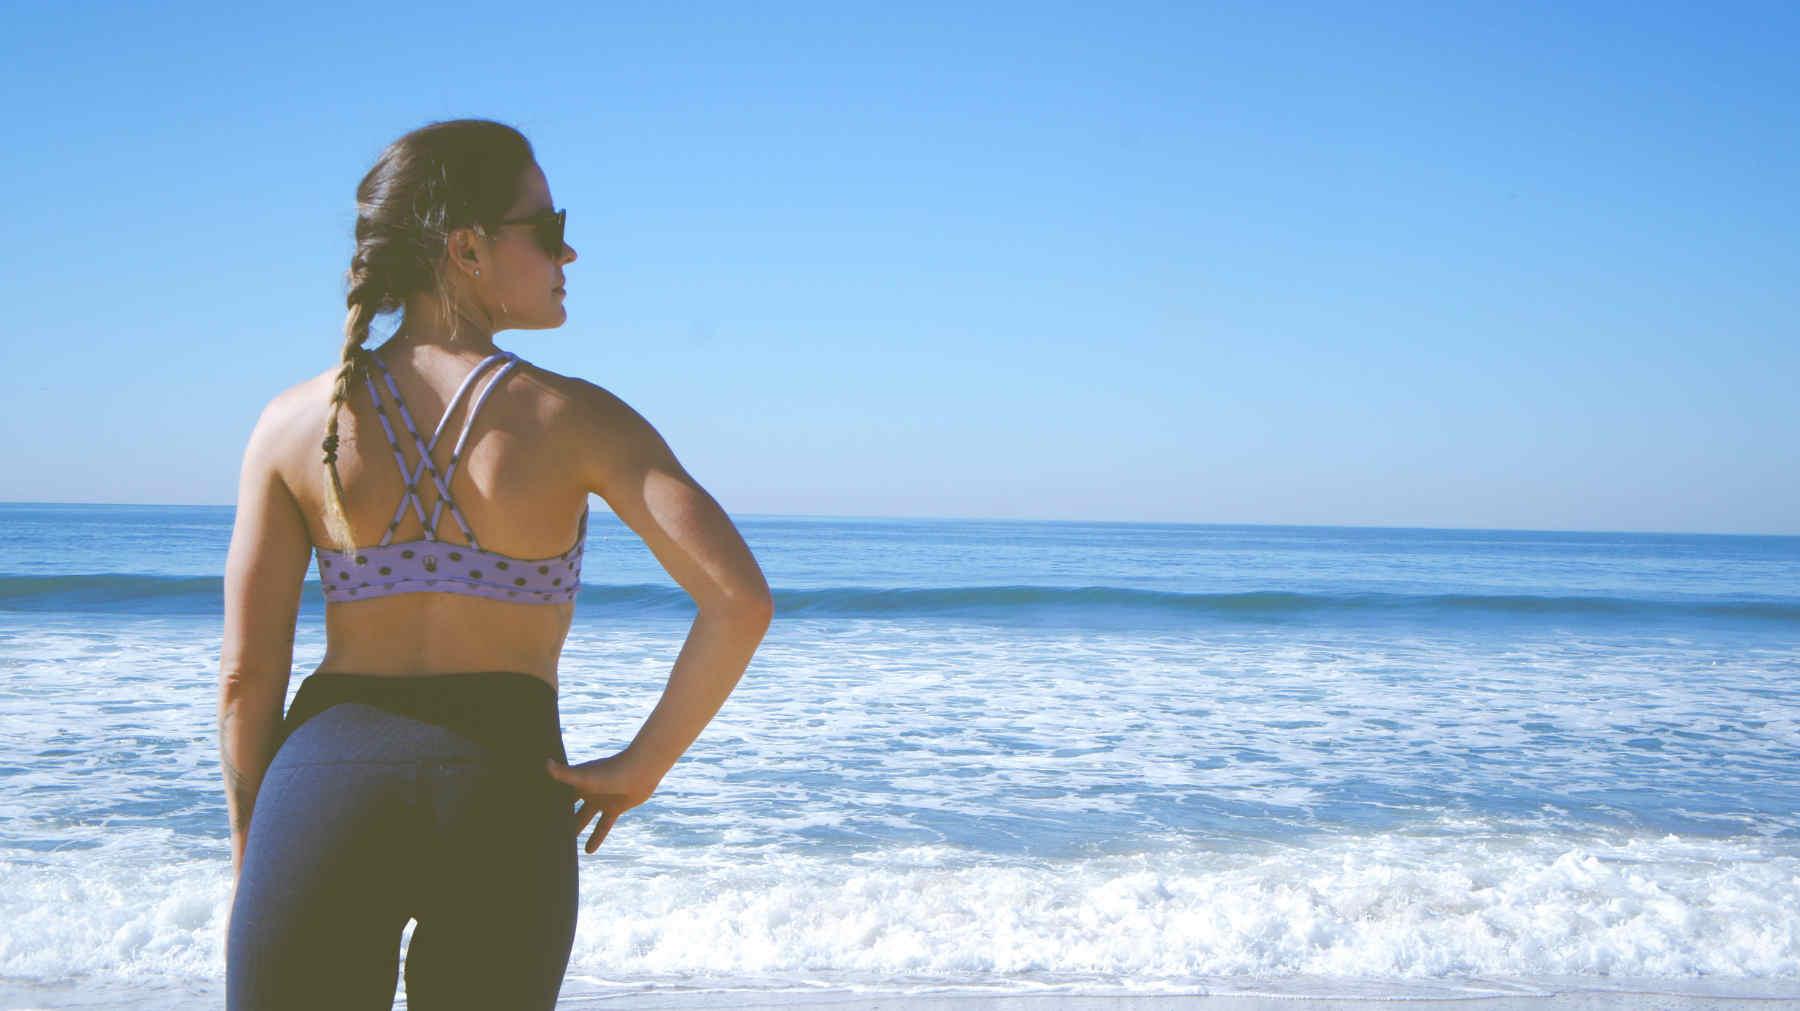 Les compléments alimentaires aident-ils votre routine d'entraînement ou de régime ?